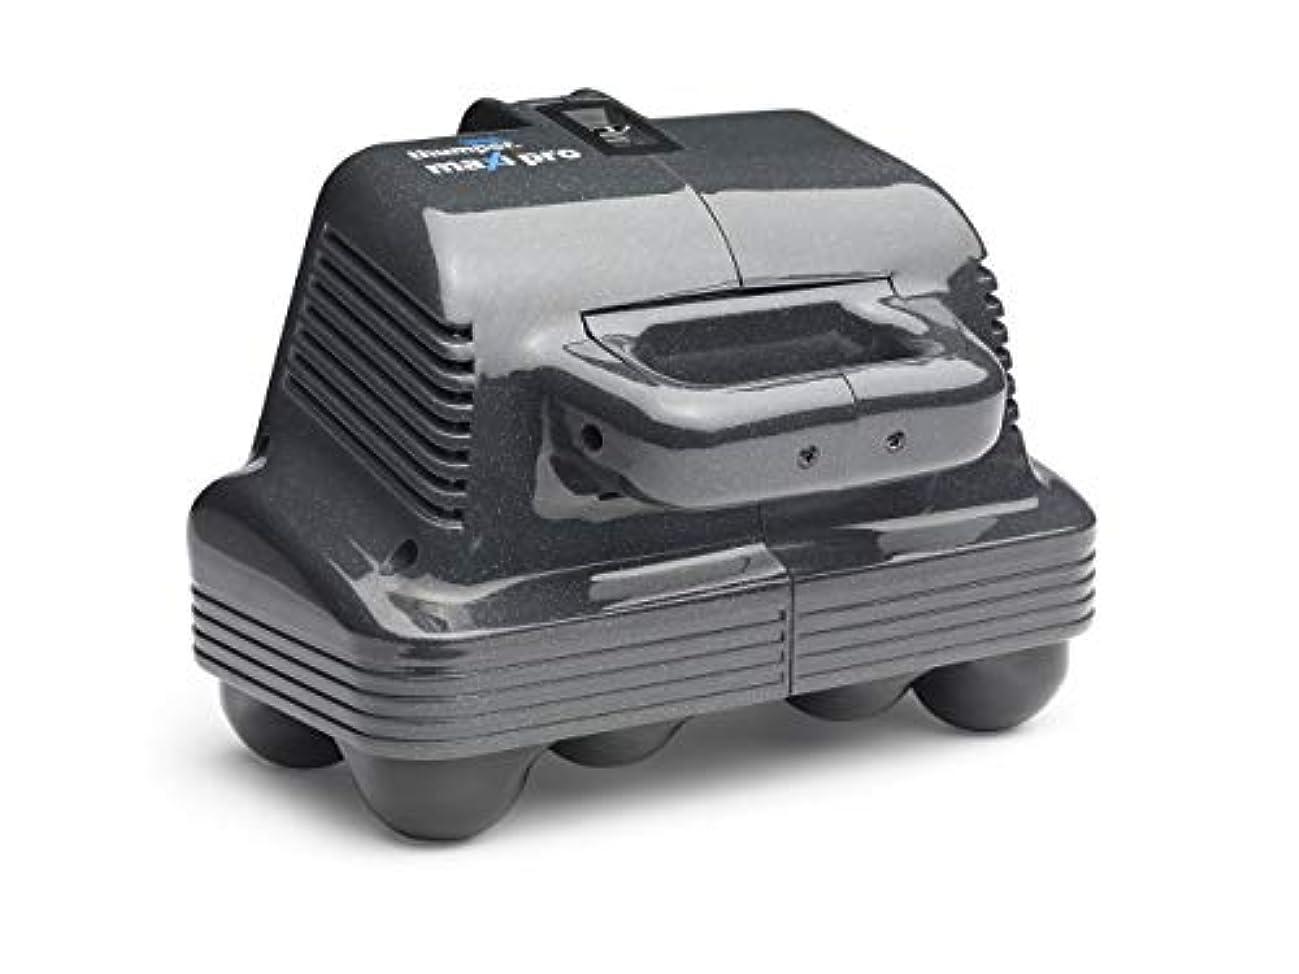 忌み嫌う戦略困難Thumper Maxi Pro プロフェッショナル 電気マッサージャー